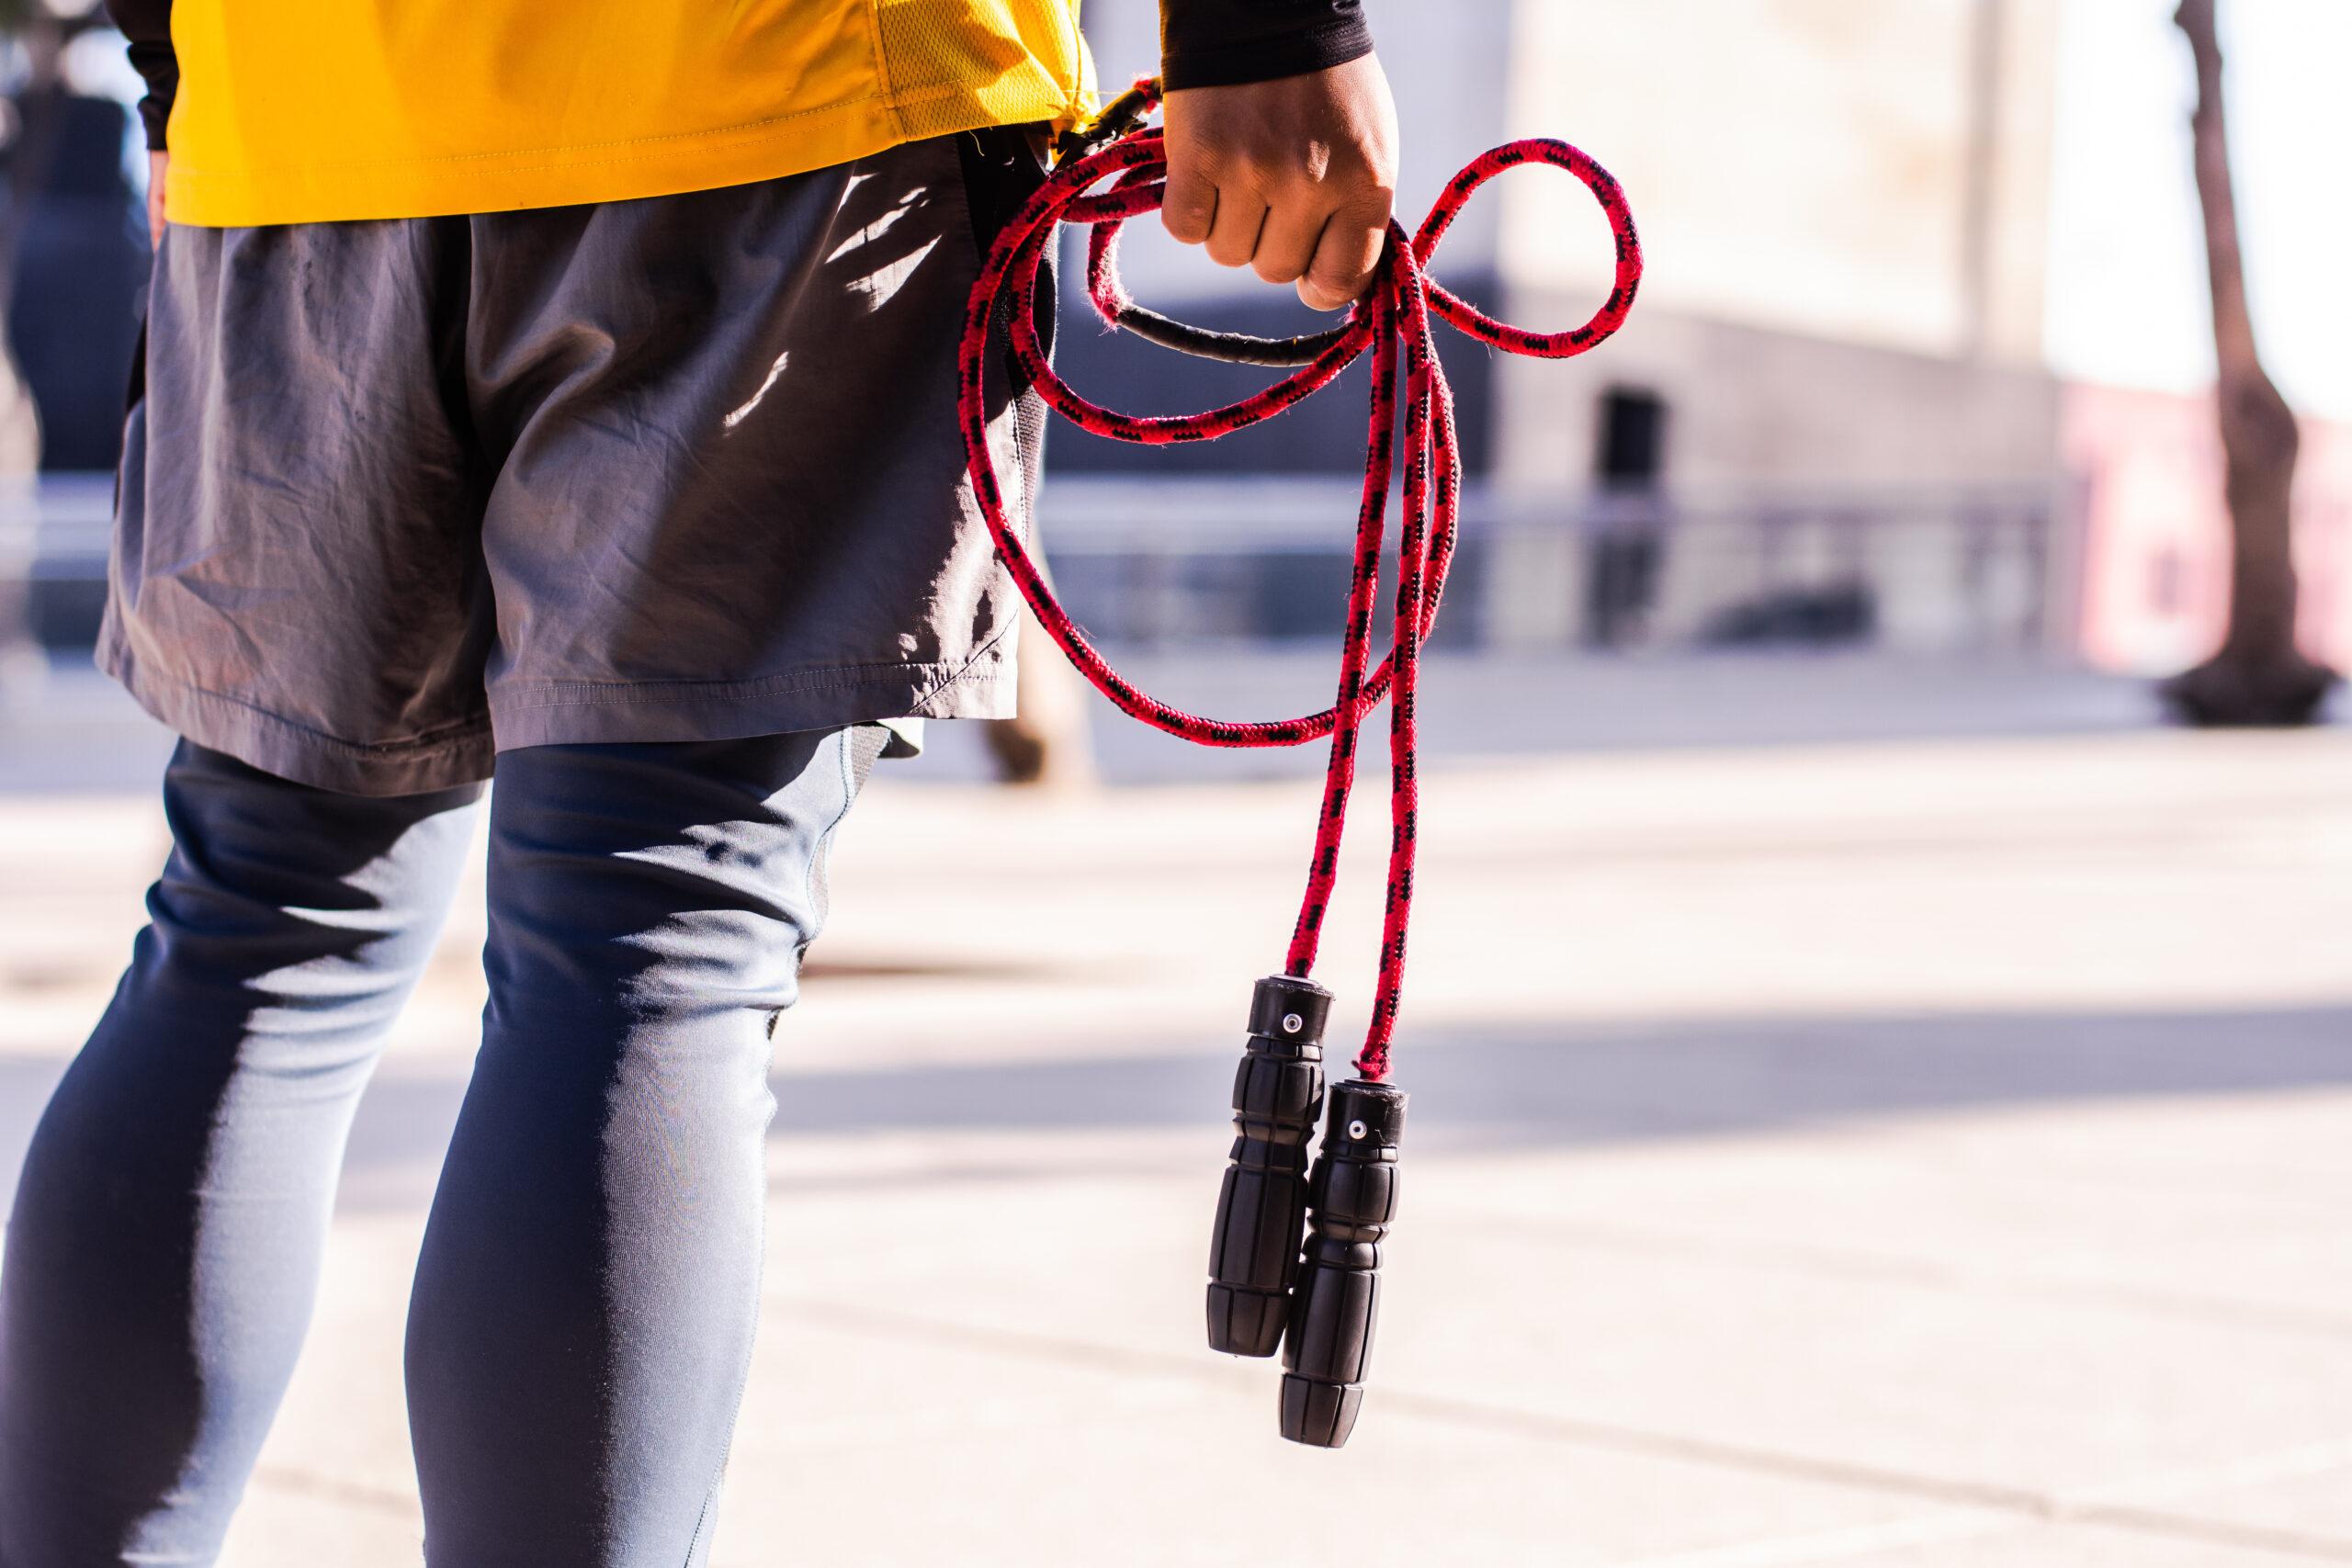 Seilspringen: Ein Mann steht auf einem Platz und hat ein rotes Seil in der Hand